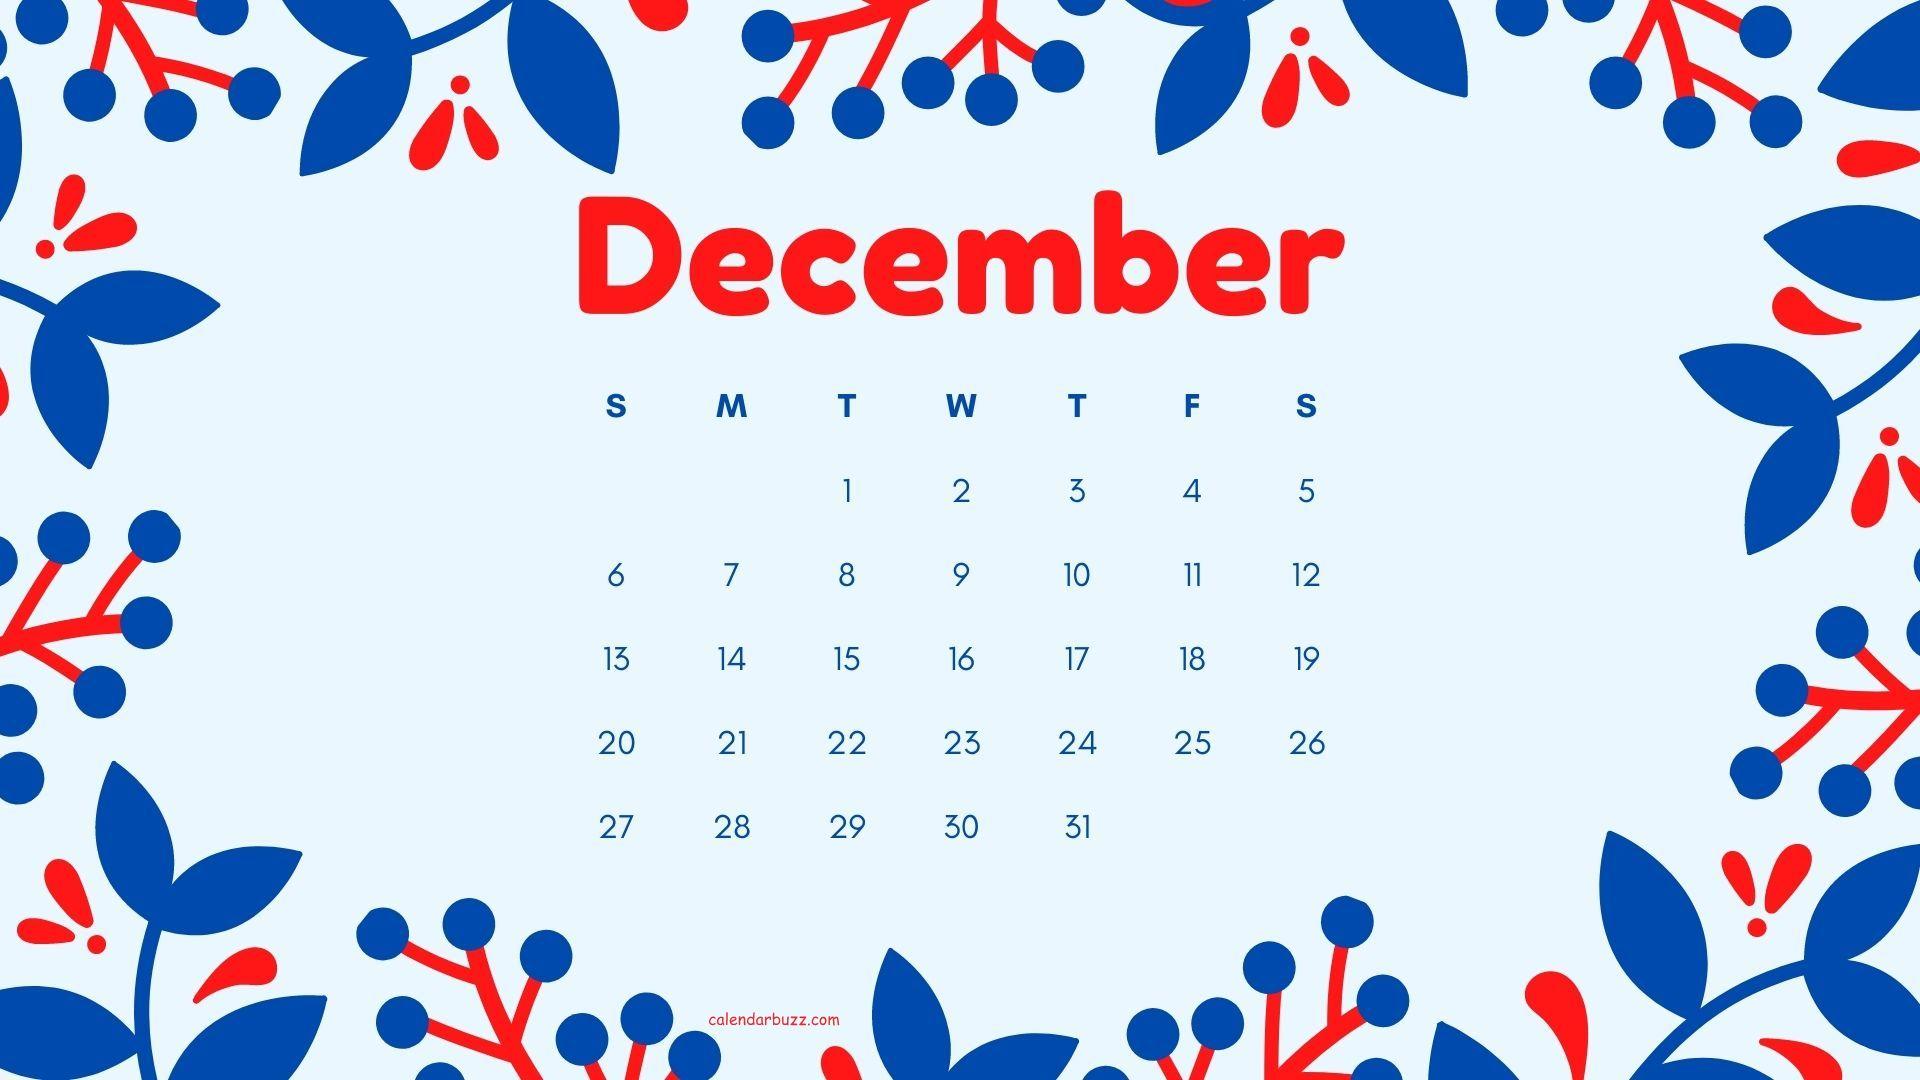 December 2020 Desktop HD Calendar Wallpaper Download 1920x1080